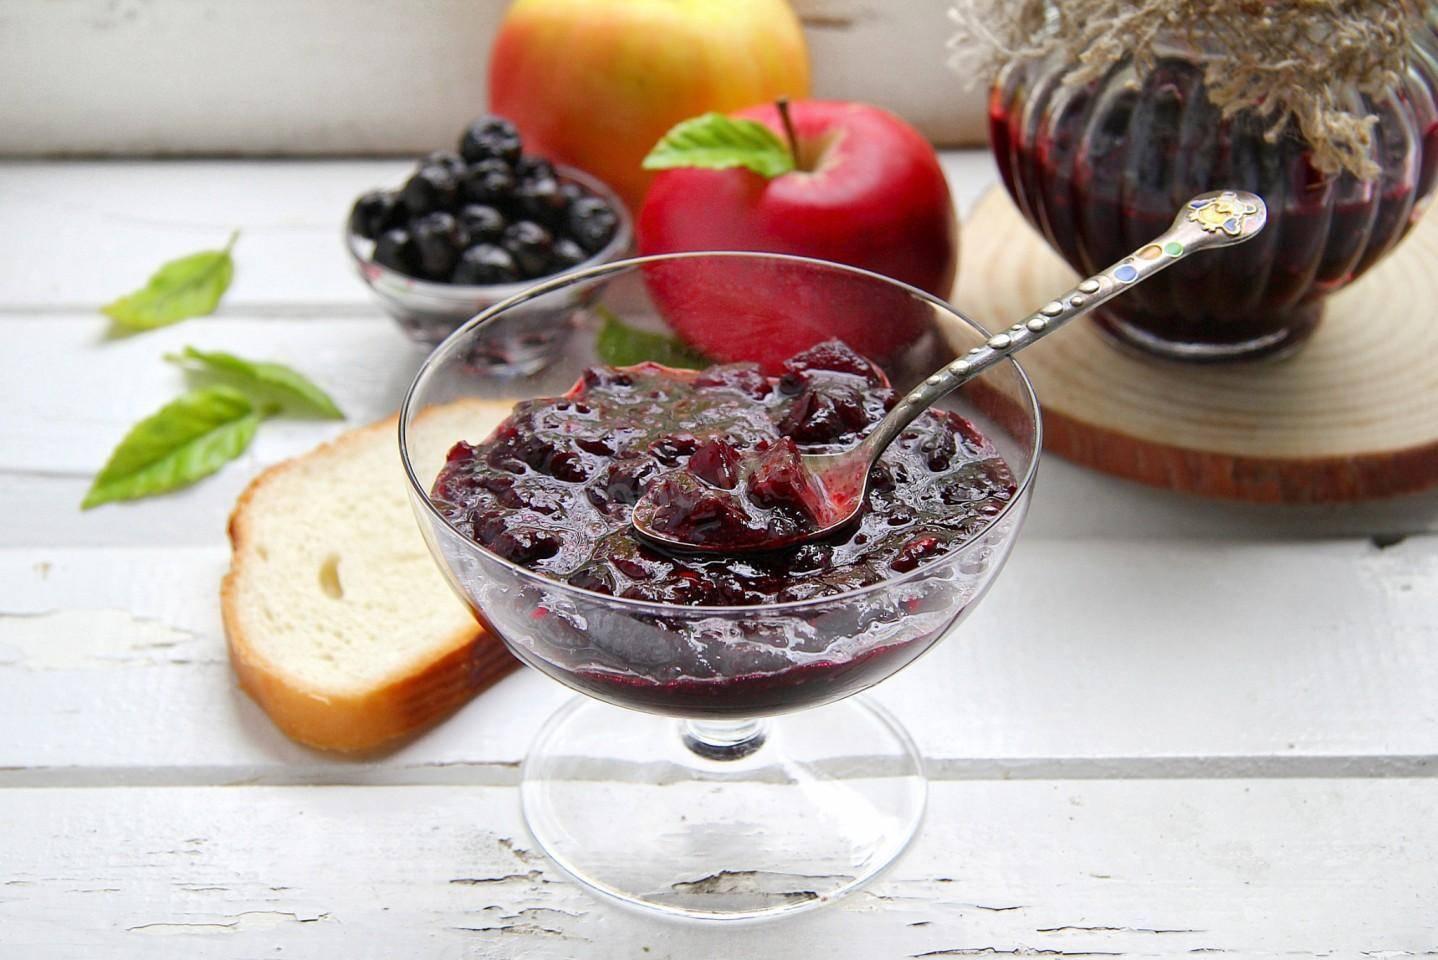 Варенье из черноплодной рябины на зиму - рецепт приготовления